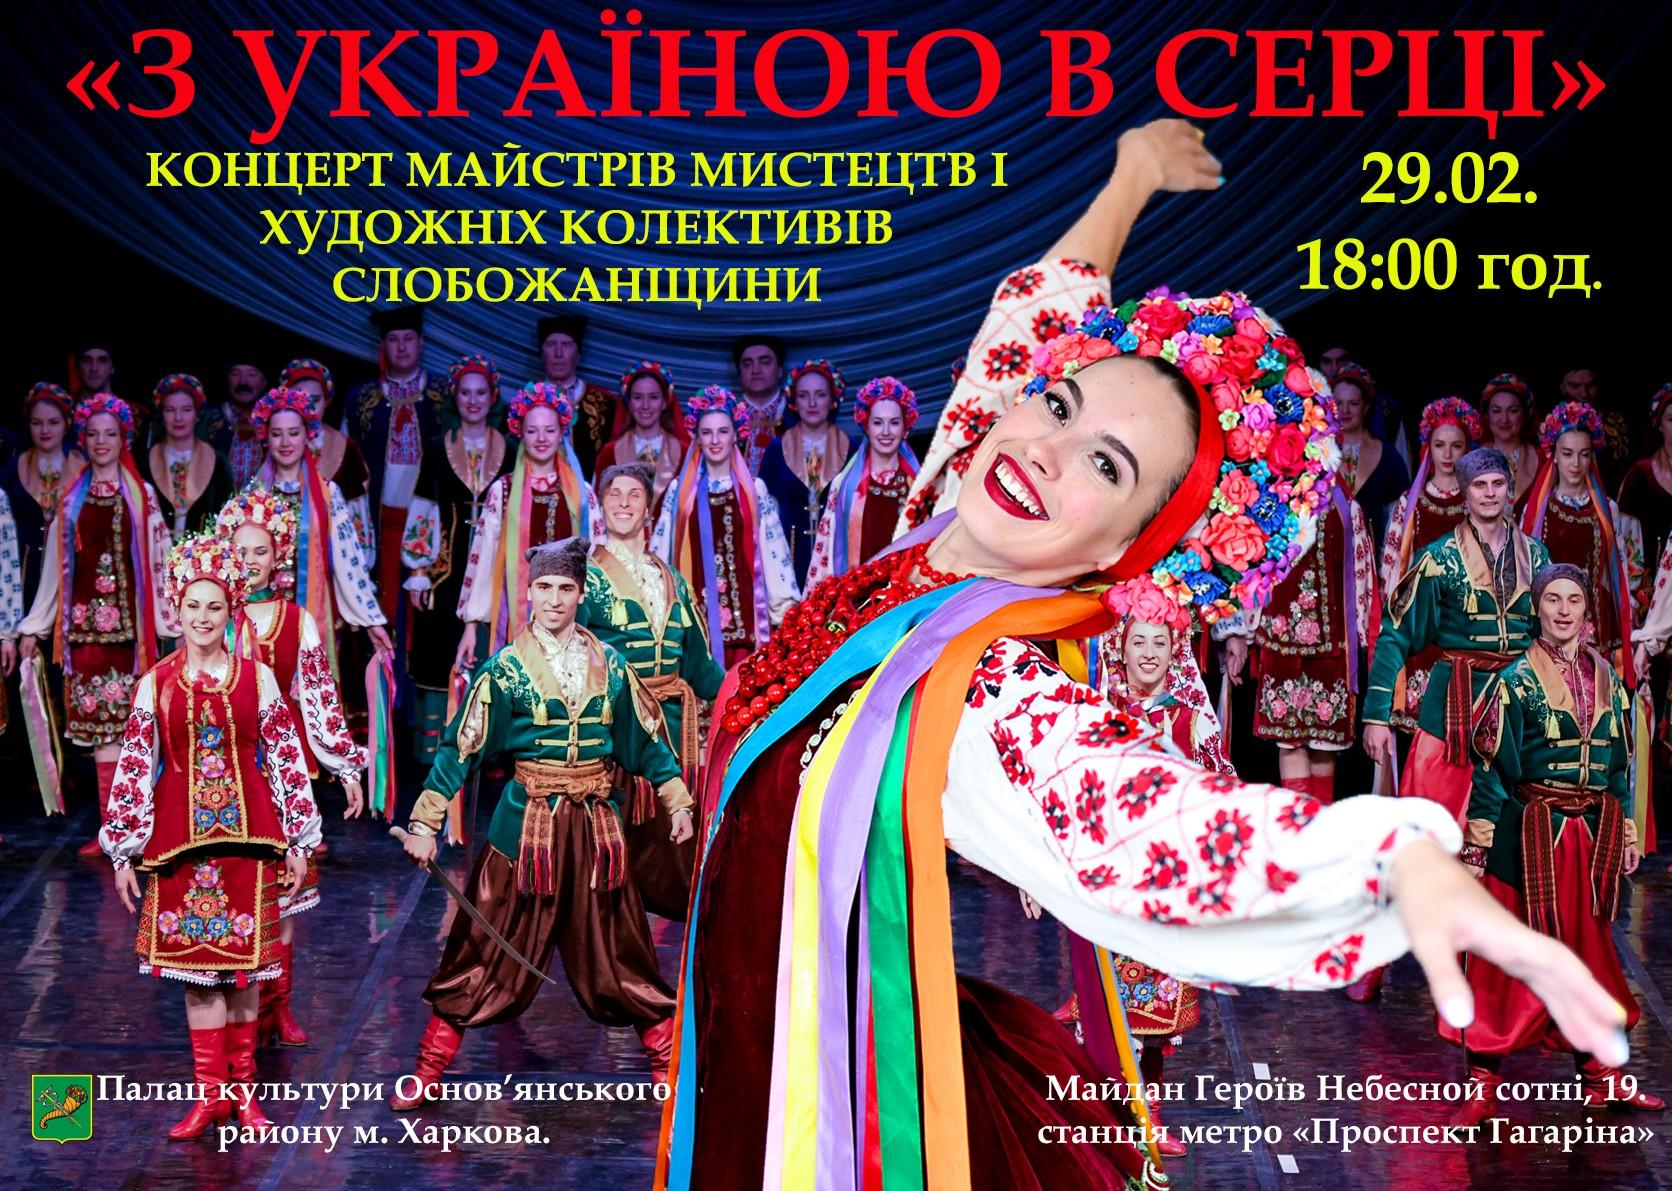 Запрошуємо на концерт «З УКРАЇНОЮ В СЕРЦІ»